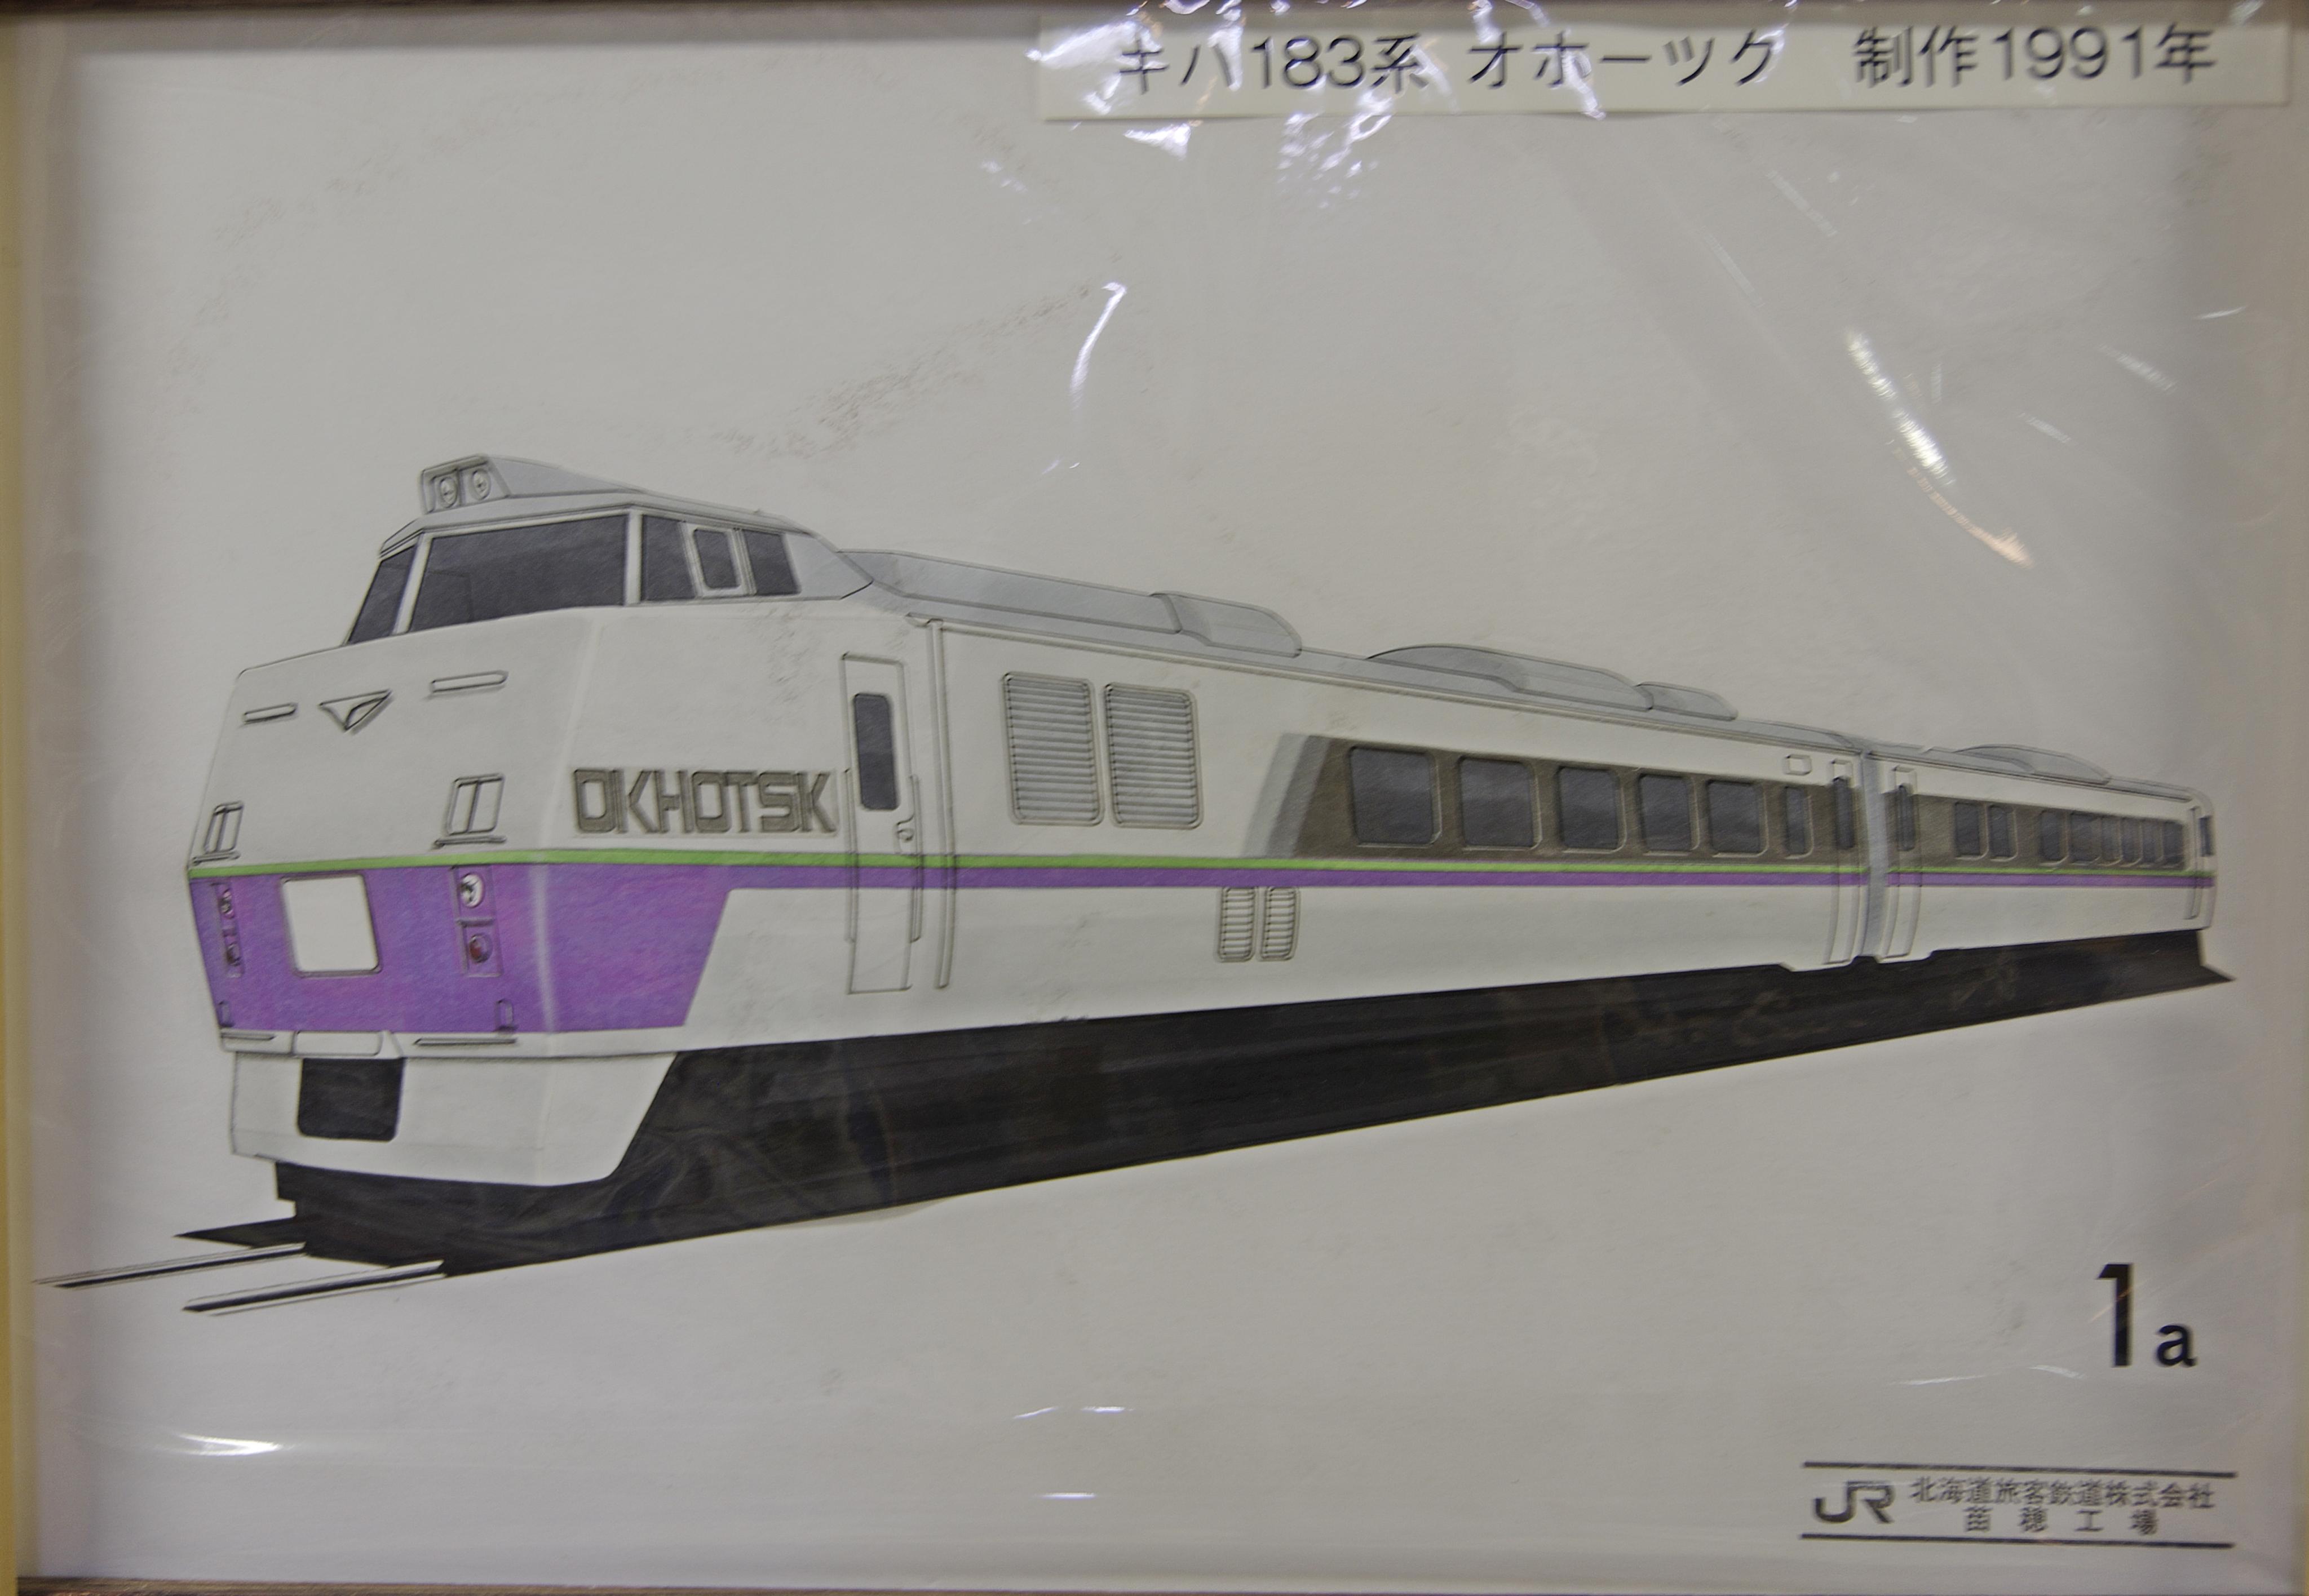 鉄道技術館 列車デザインパース キハ183系_180512.jpg